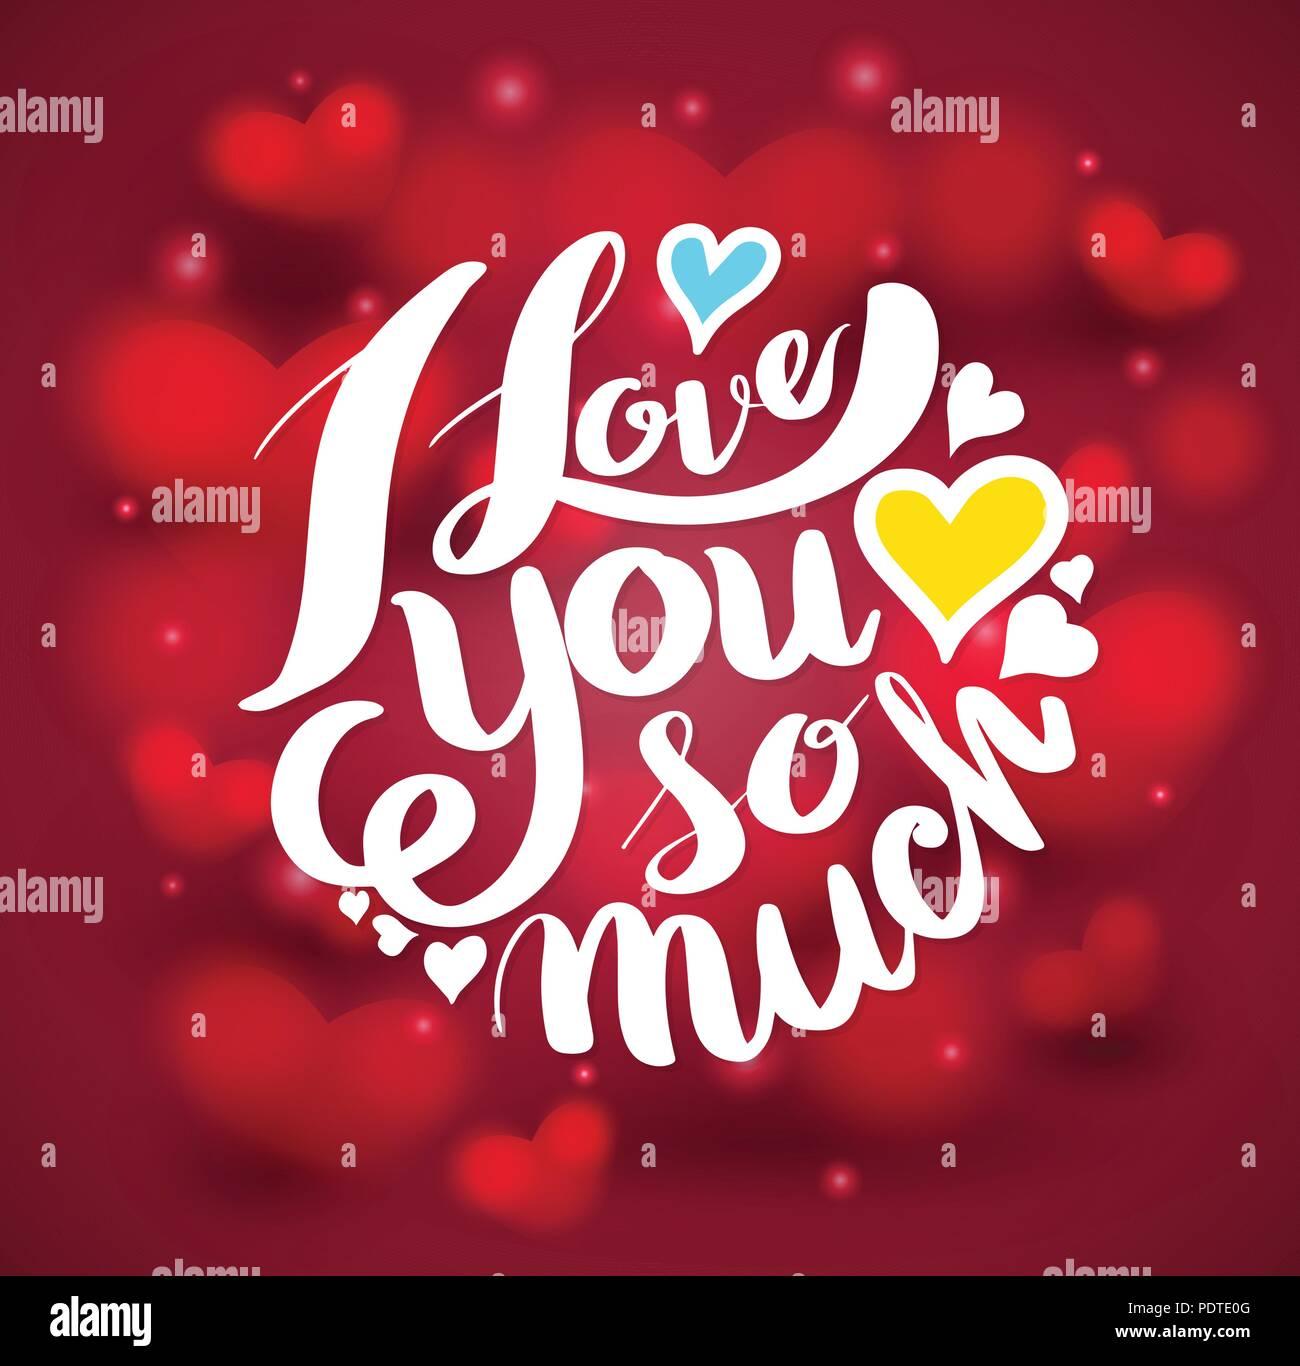 Ich Liebe Dich So Sehr Schrift Auf Roten Herzen Hintergrund